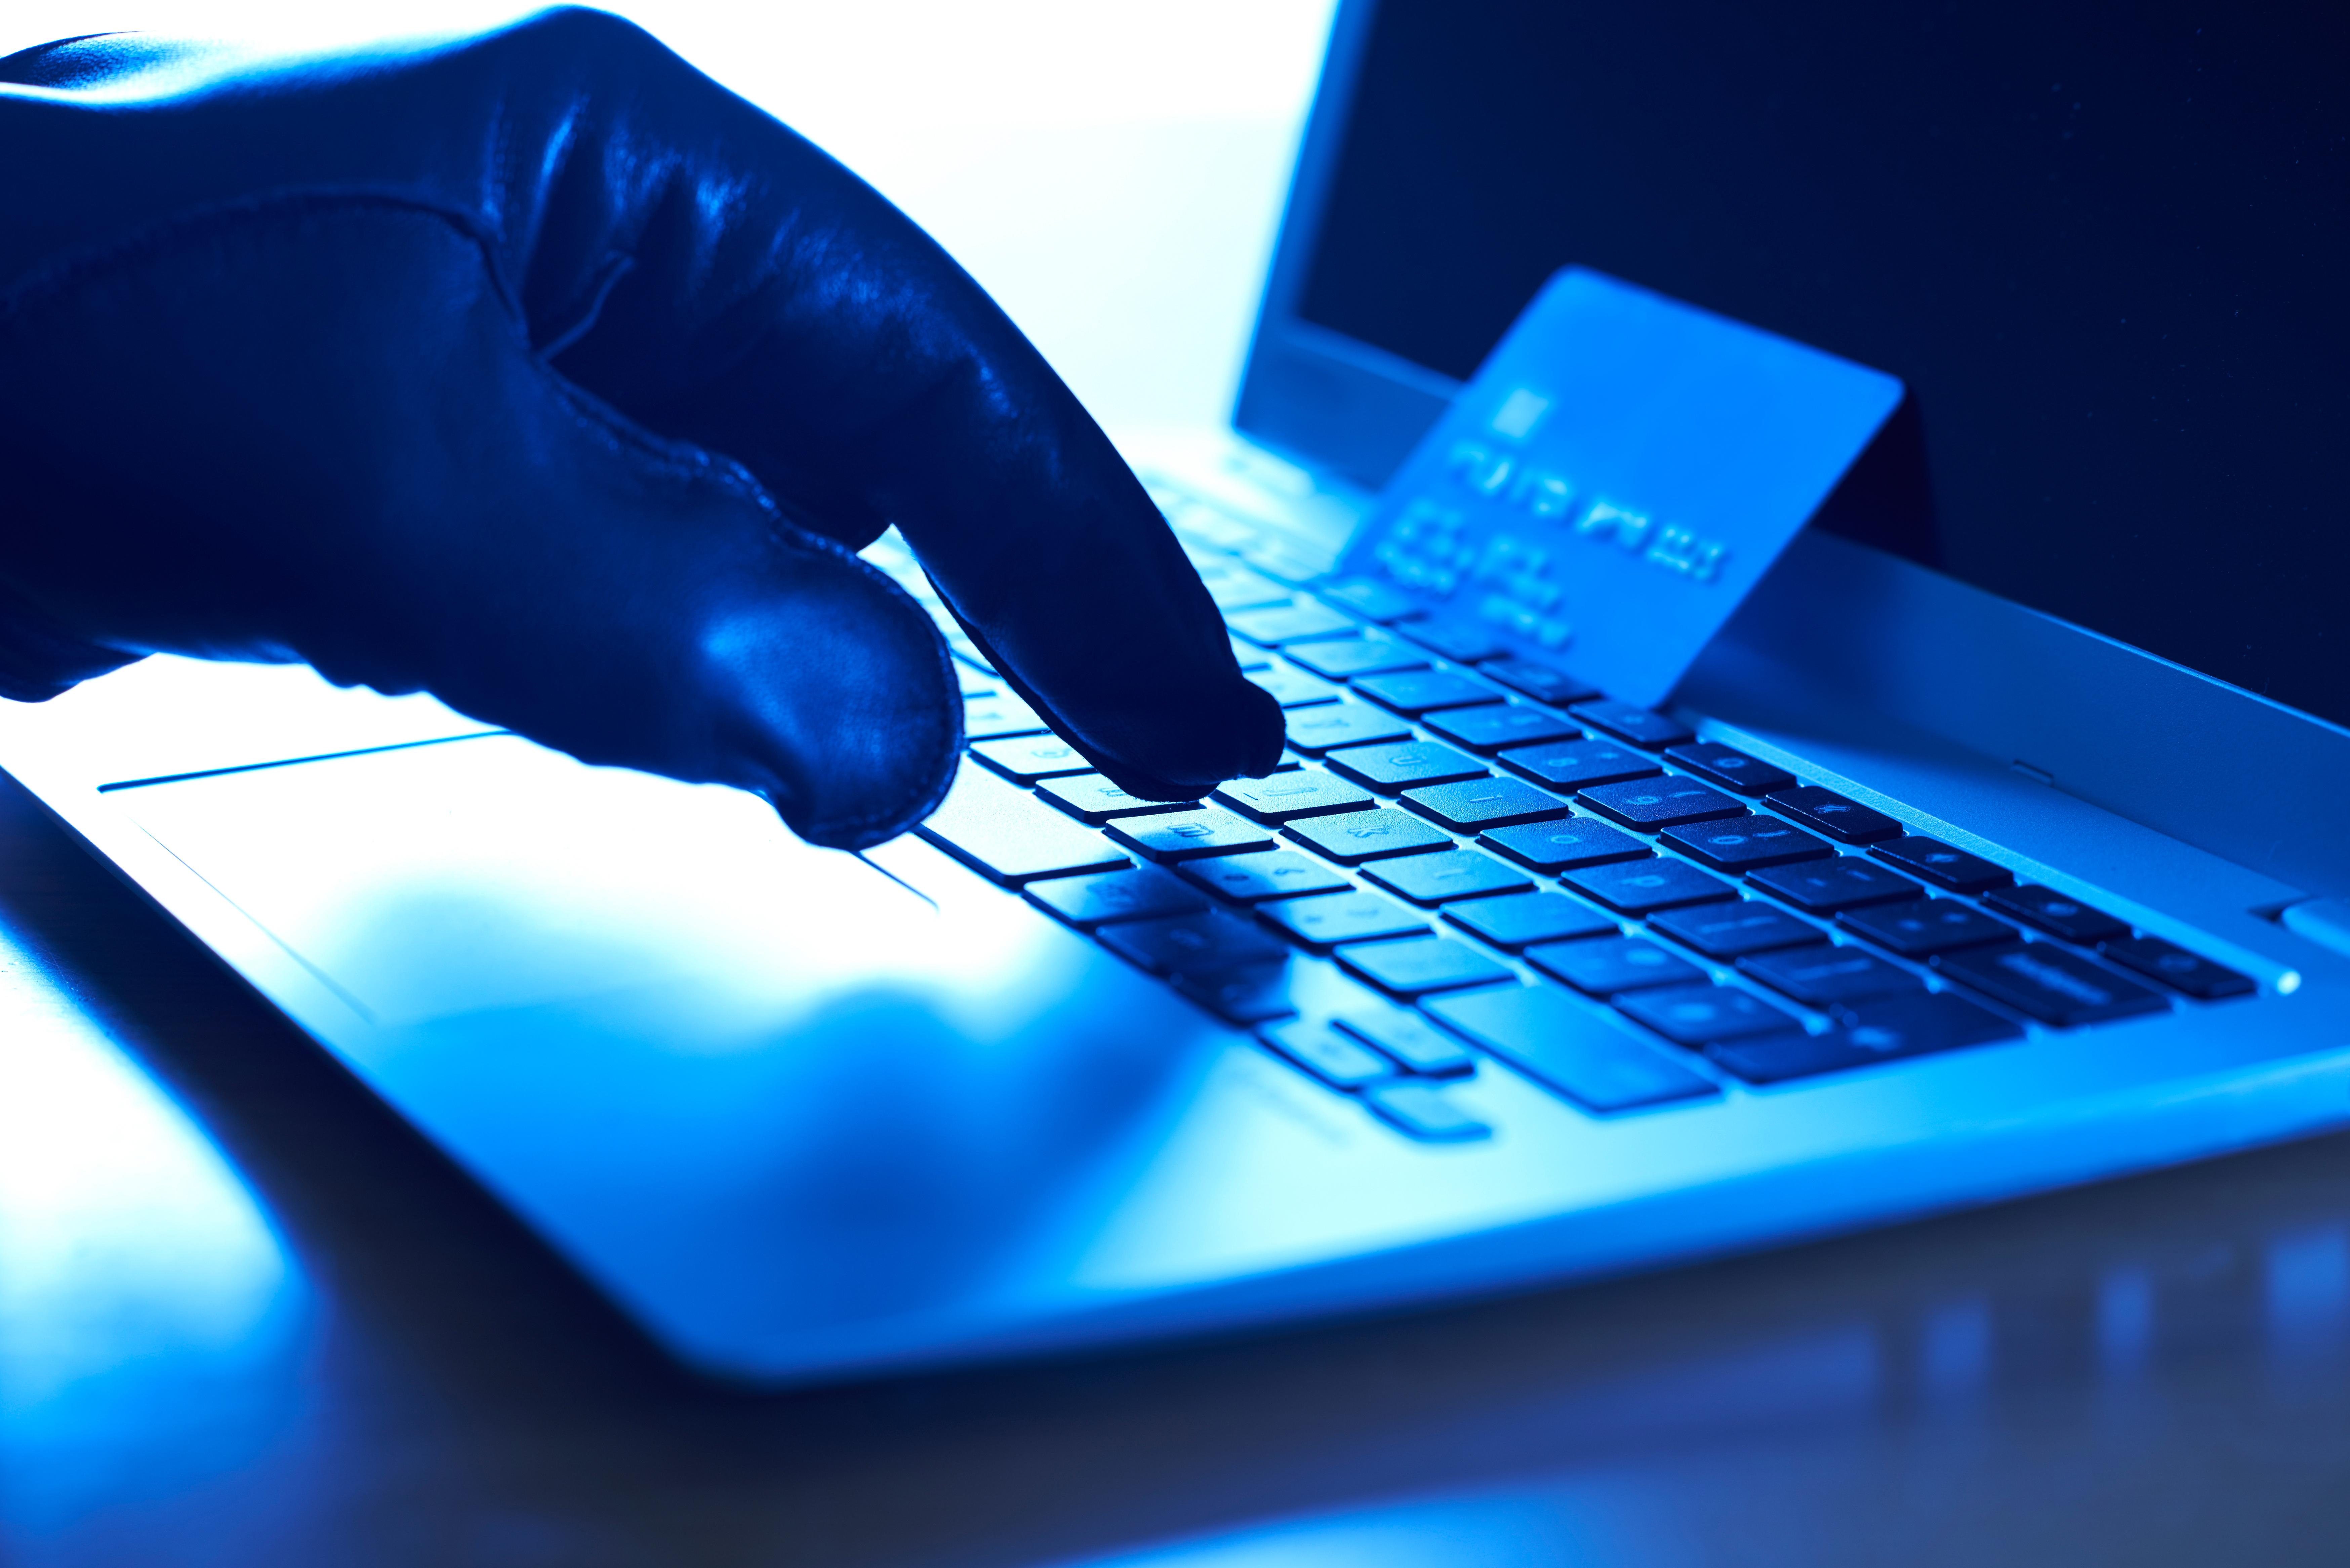 Român arestat în Spania pentru înșelăciuni informatice. Paguba e de 7 milioane USD